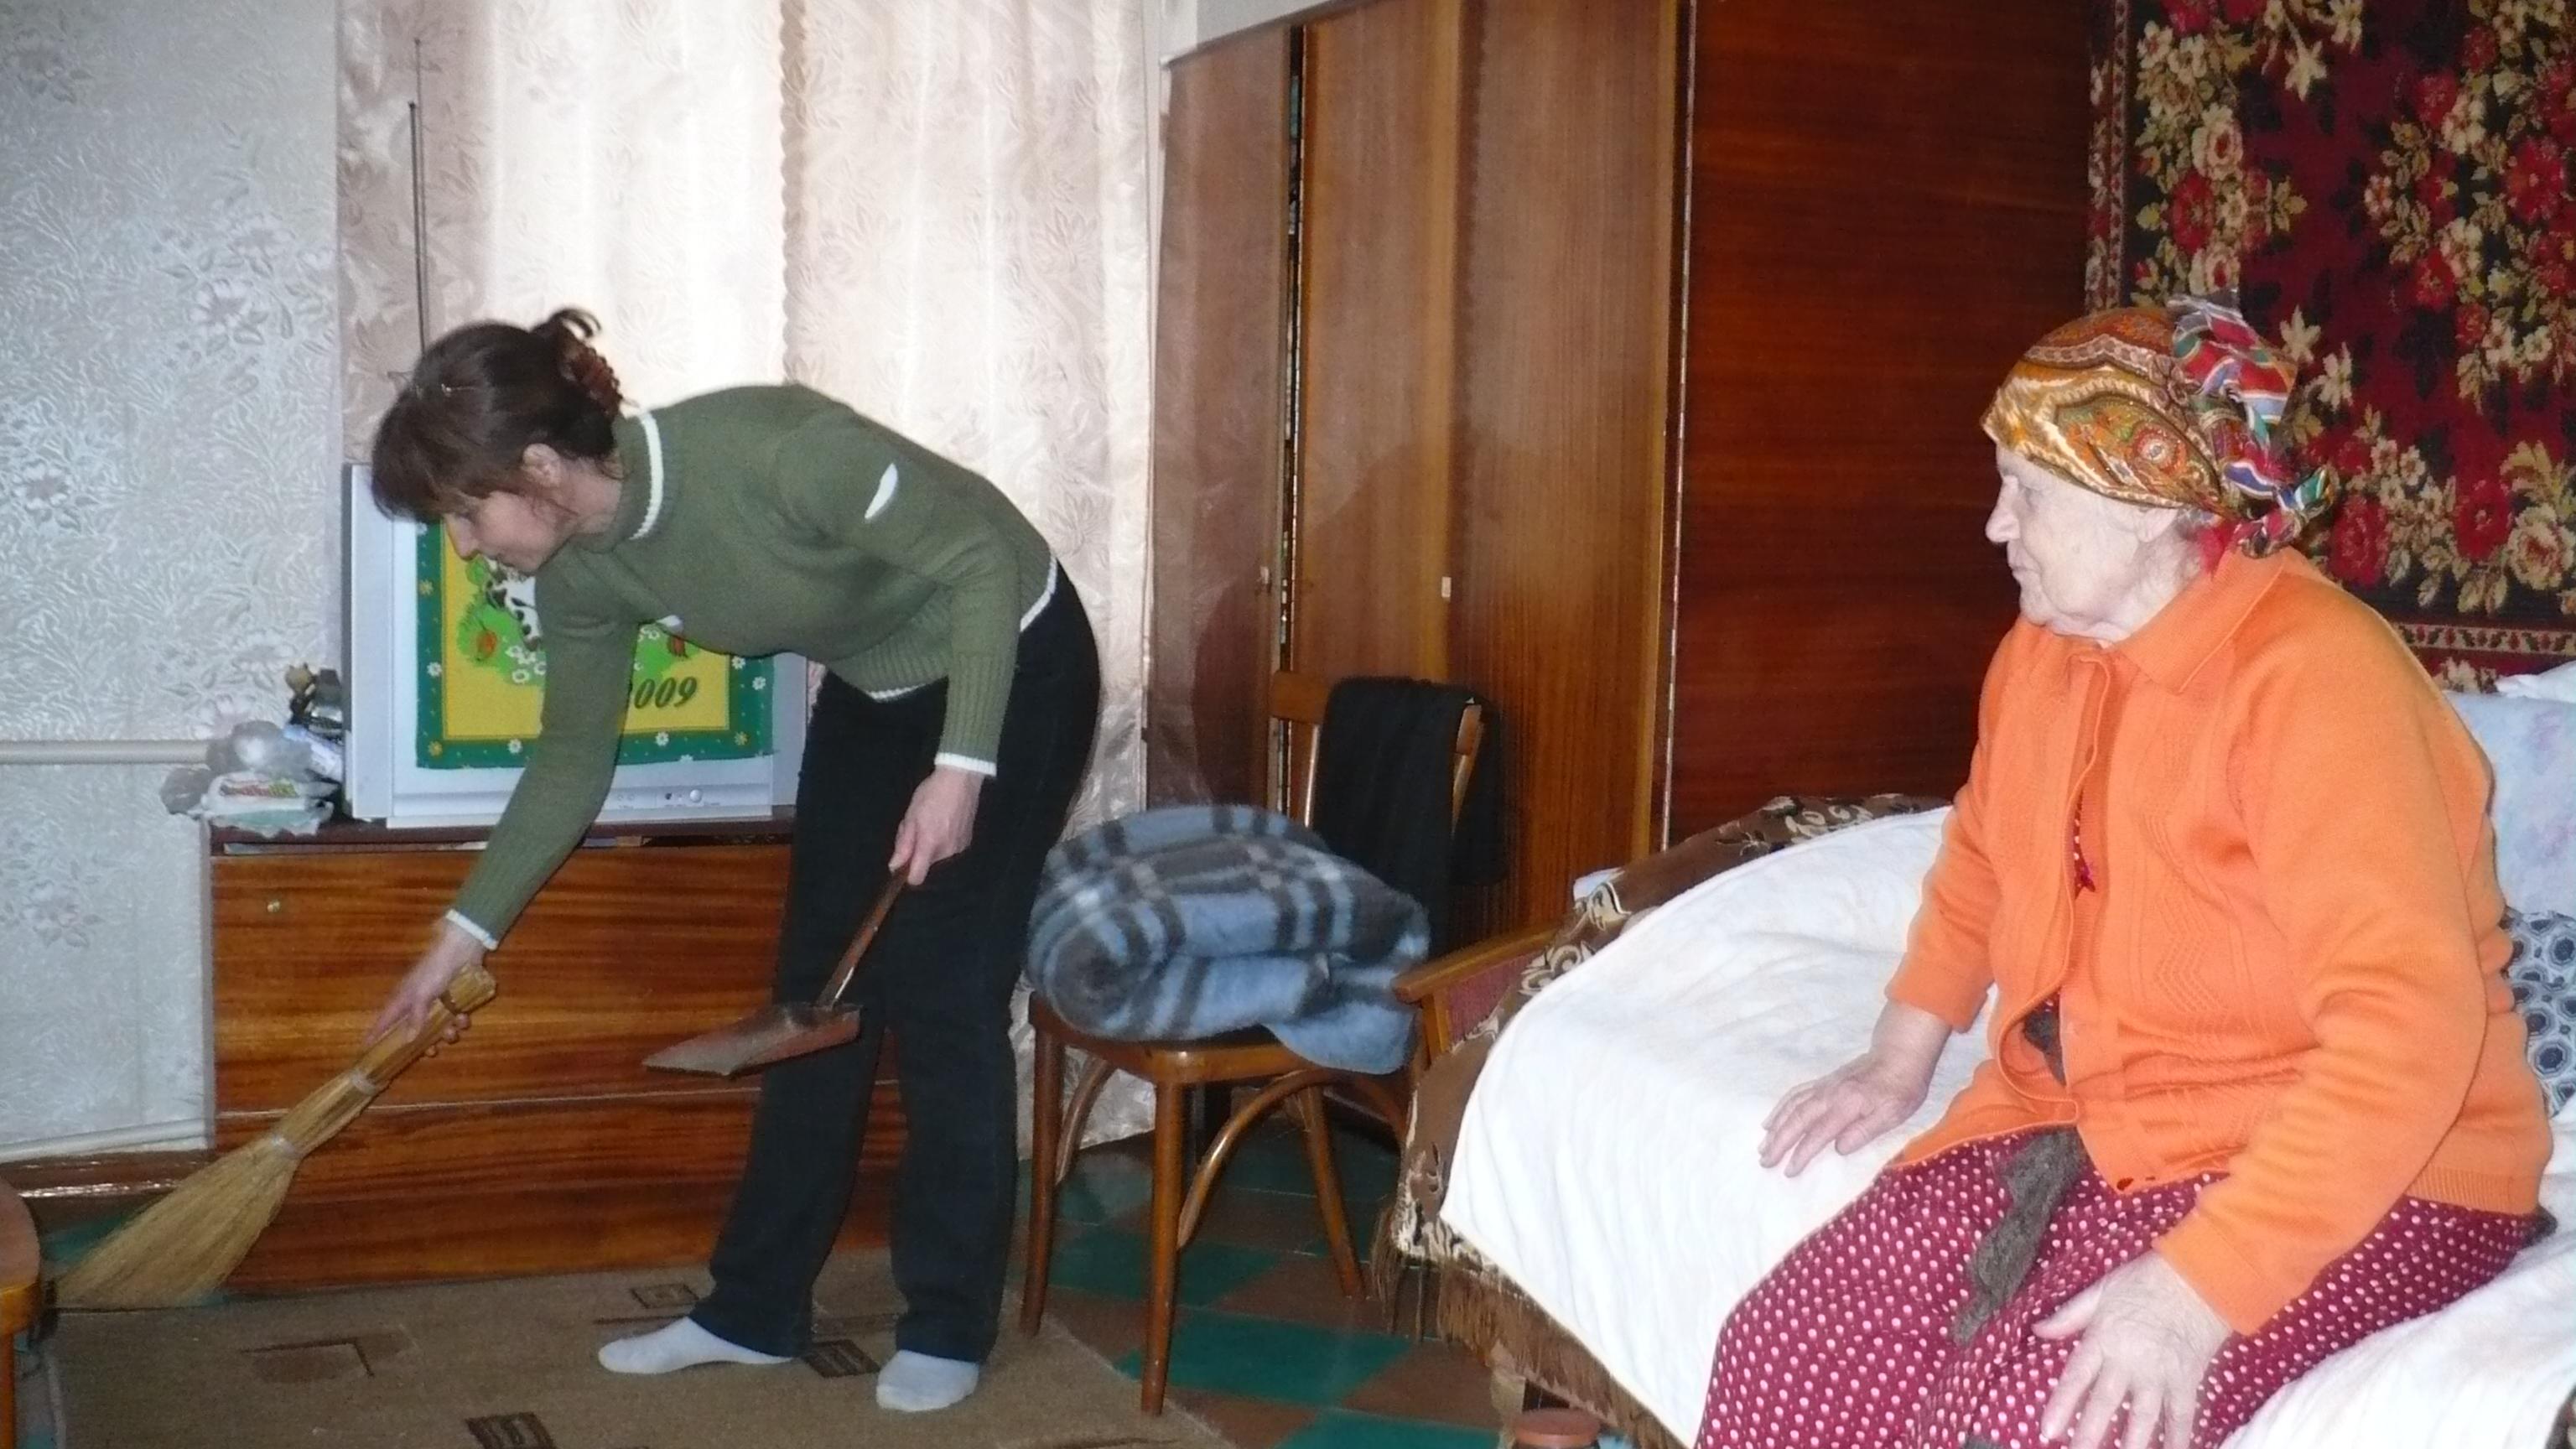 Социальный работник обязанности по уходу за инвалидами 158